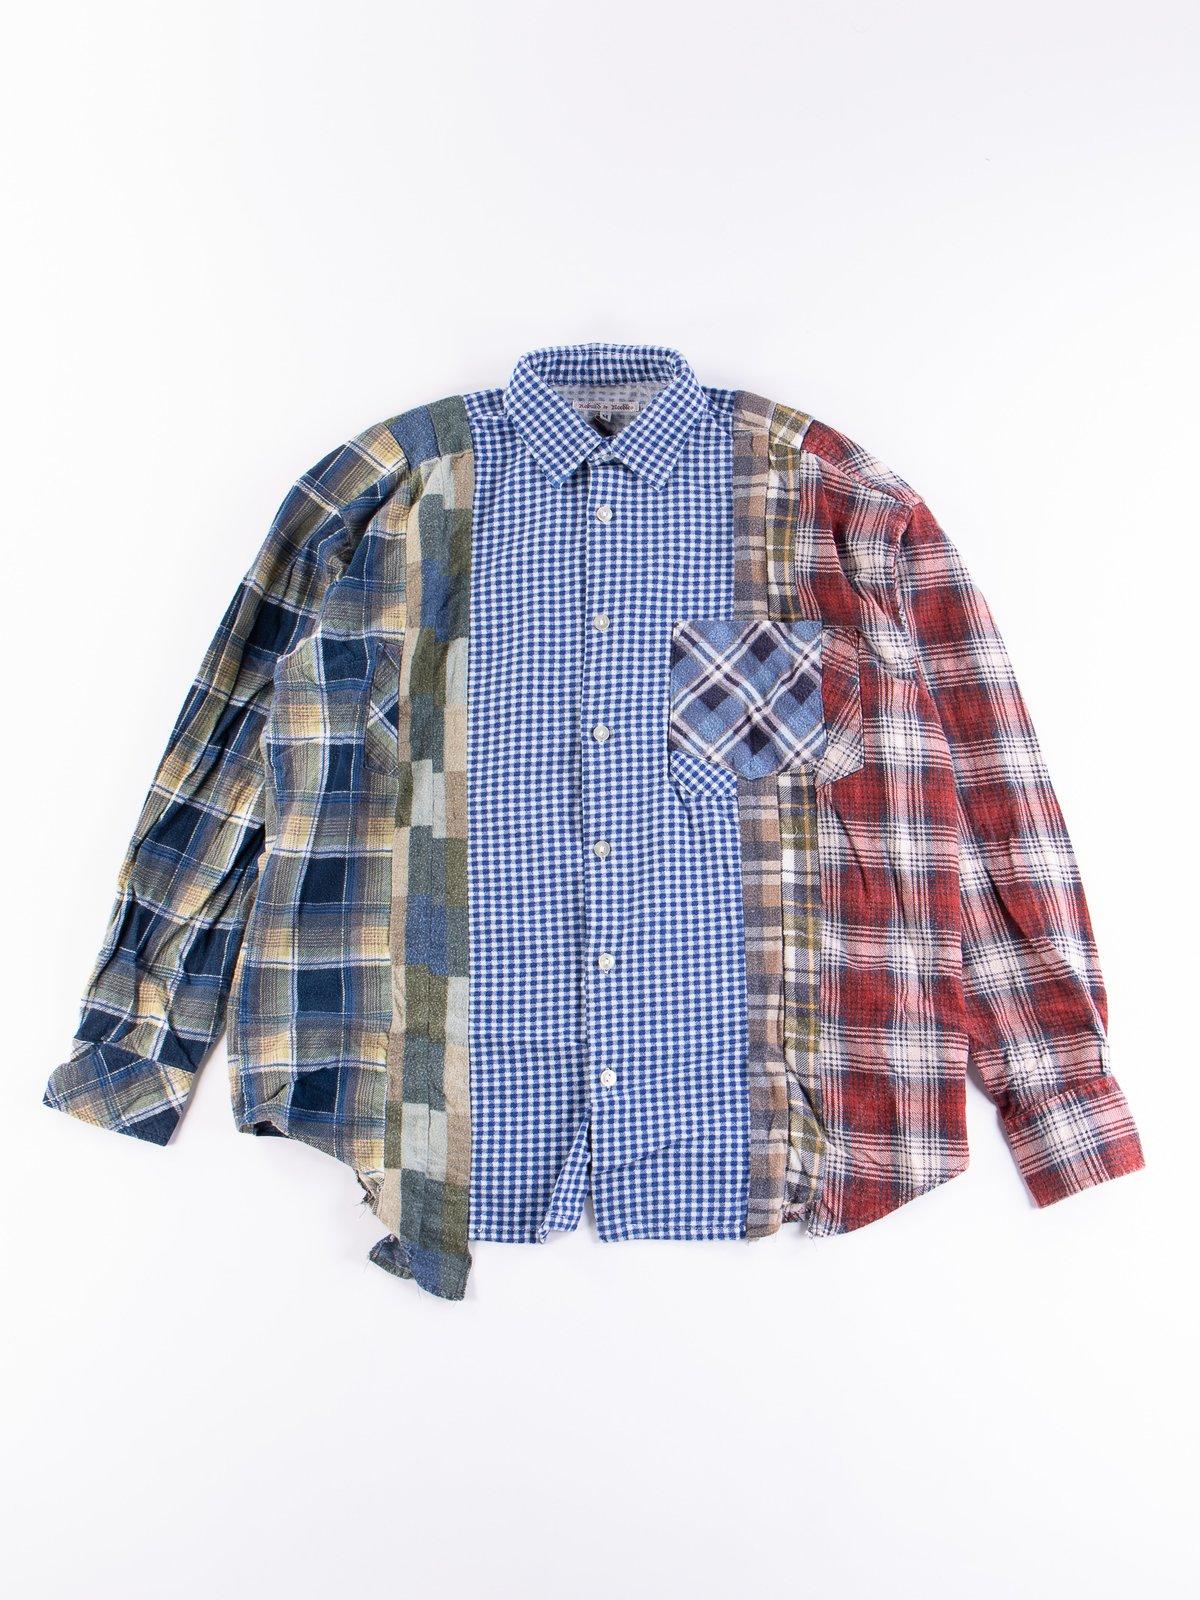 Assorted 7 Cuts Rebuild Shirt - Image 7